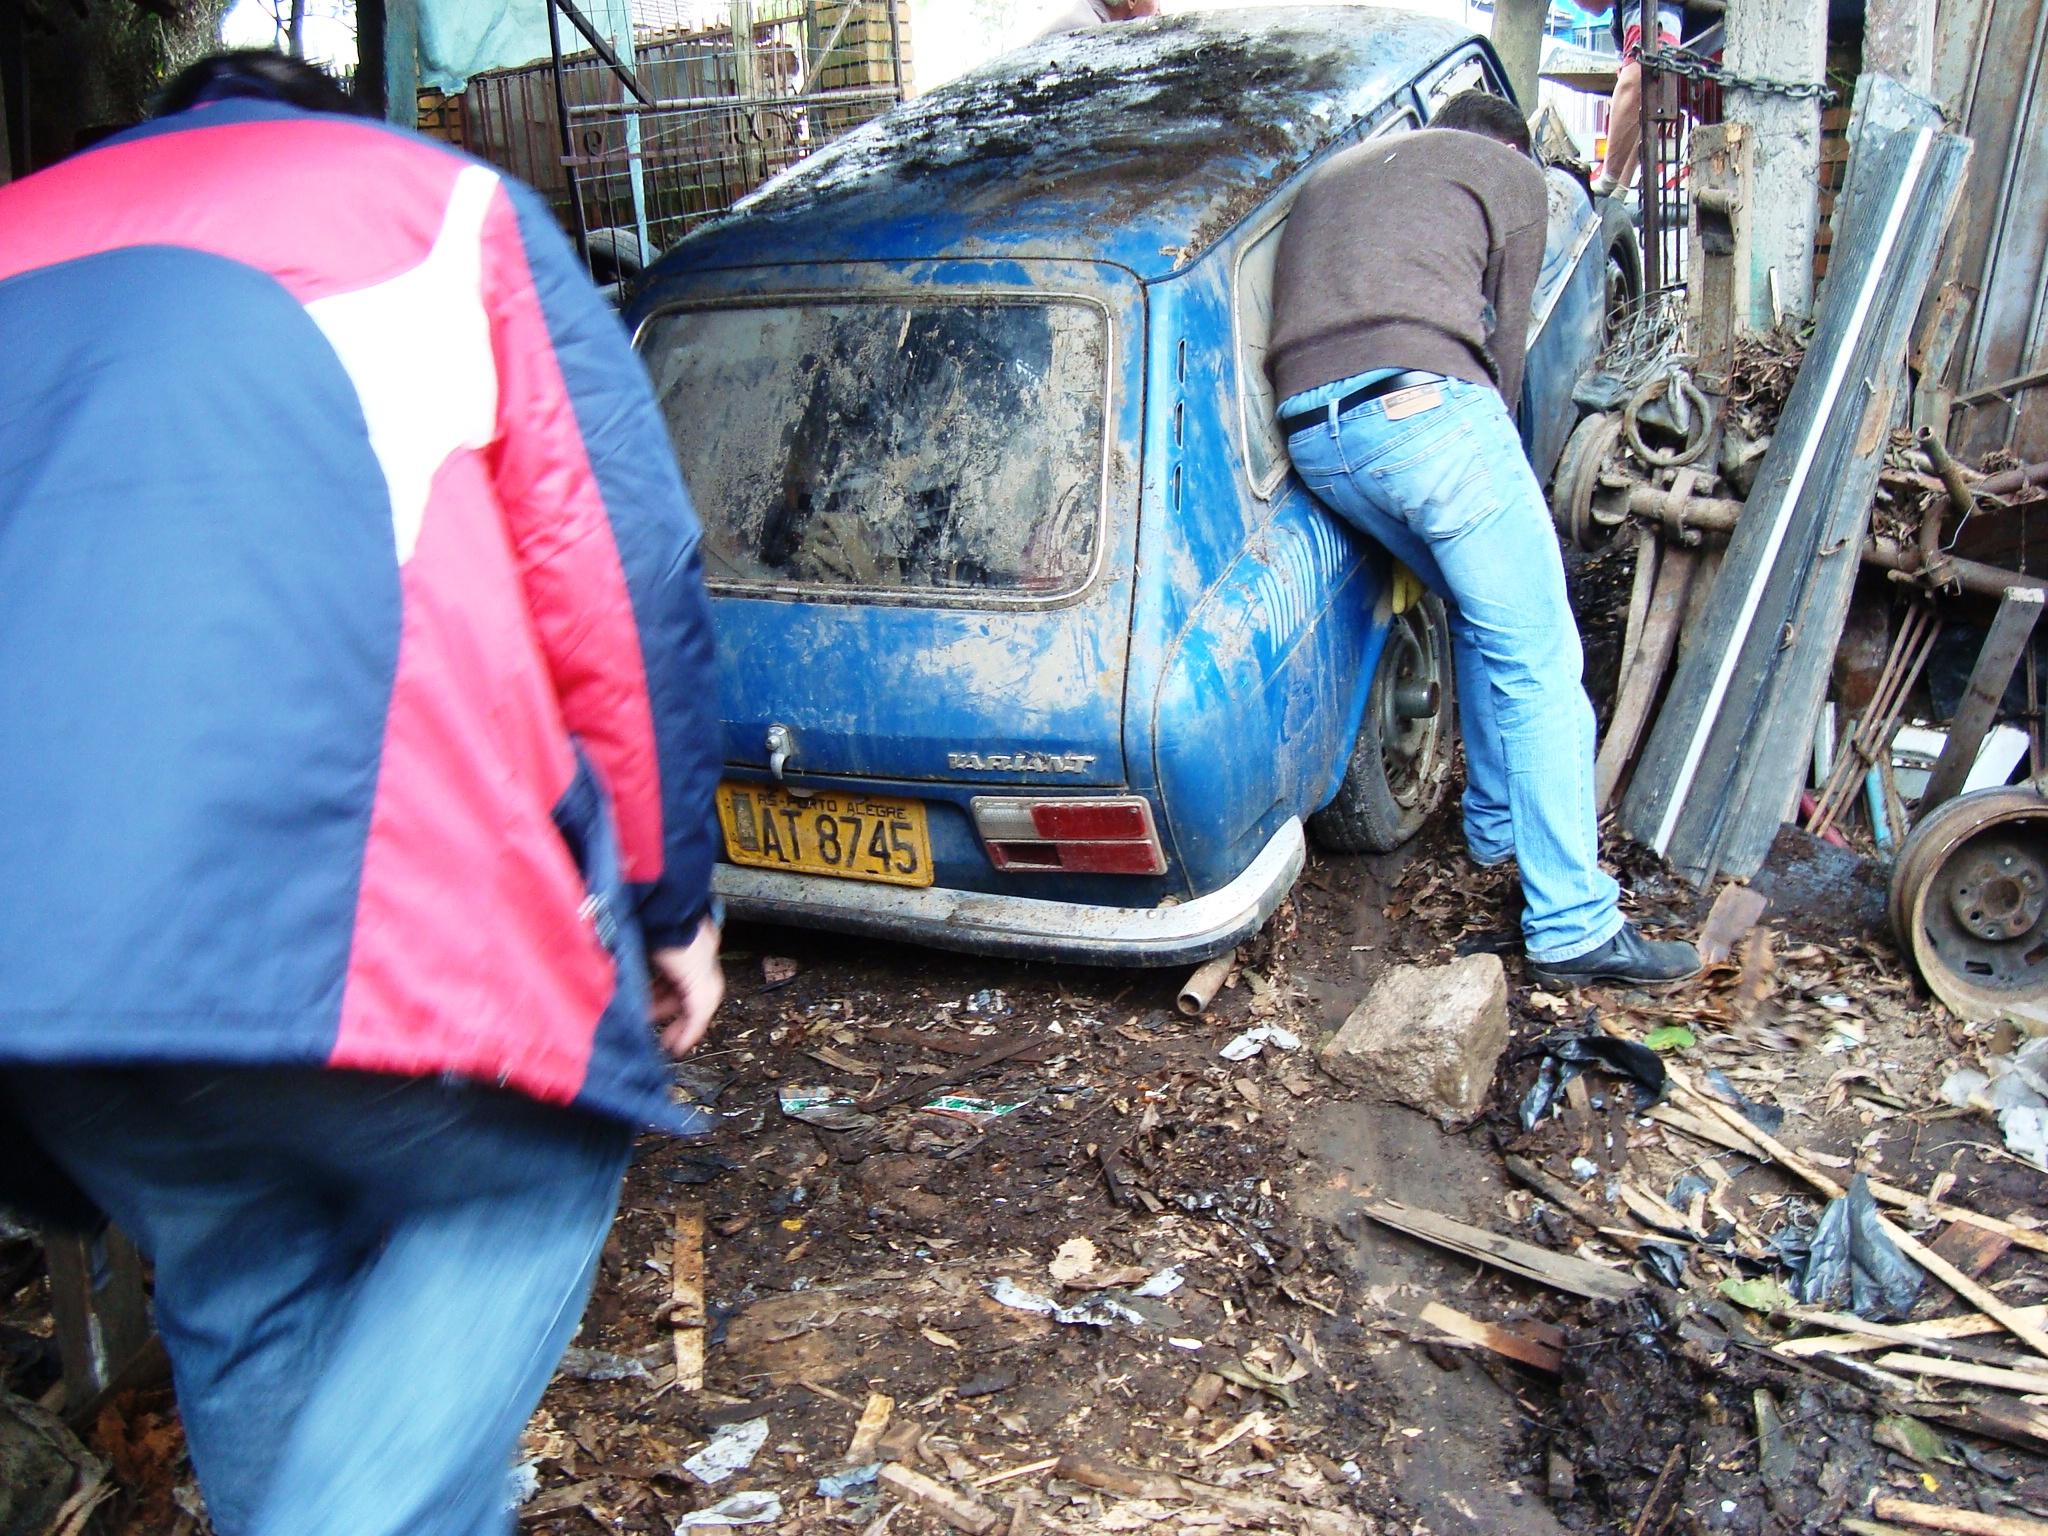 rafinha-variant VW Karmann Ghia e VW Variant - um resgate!